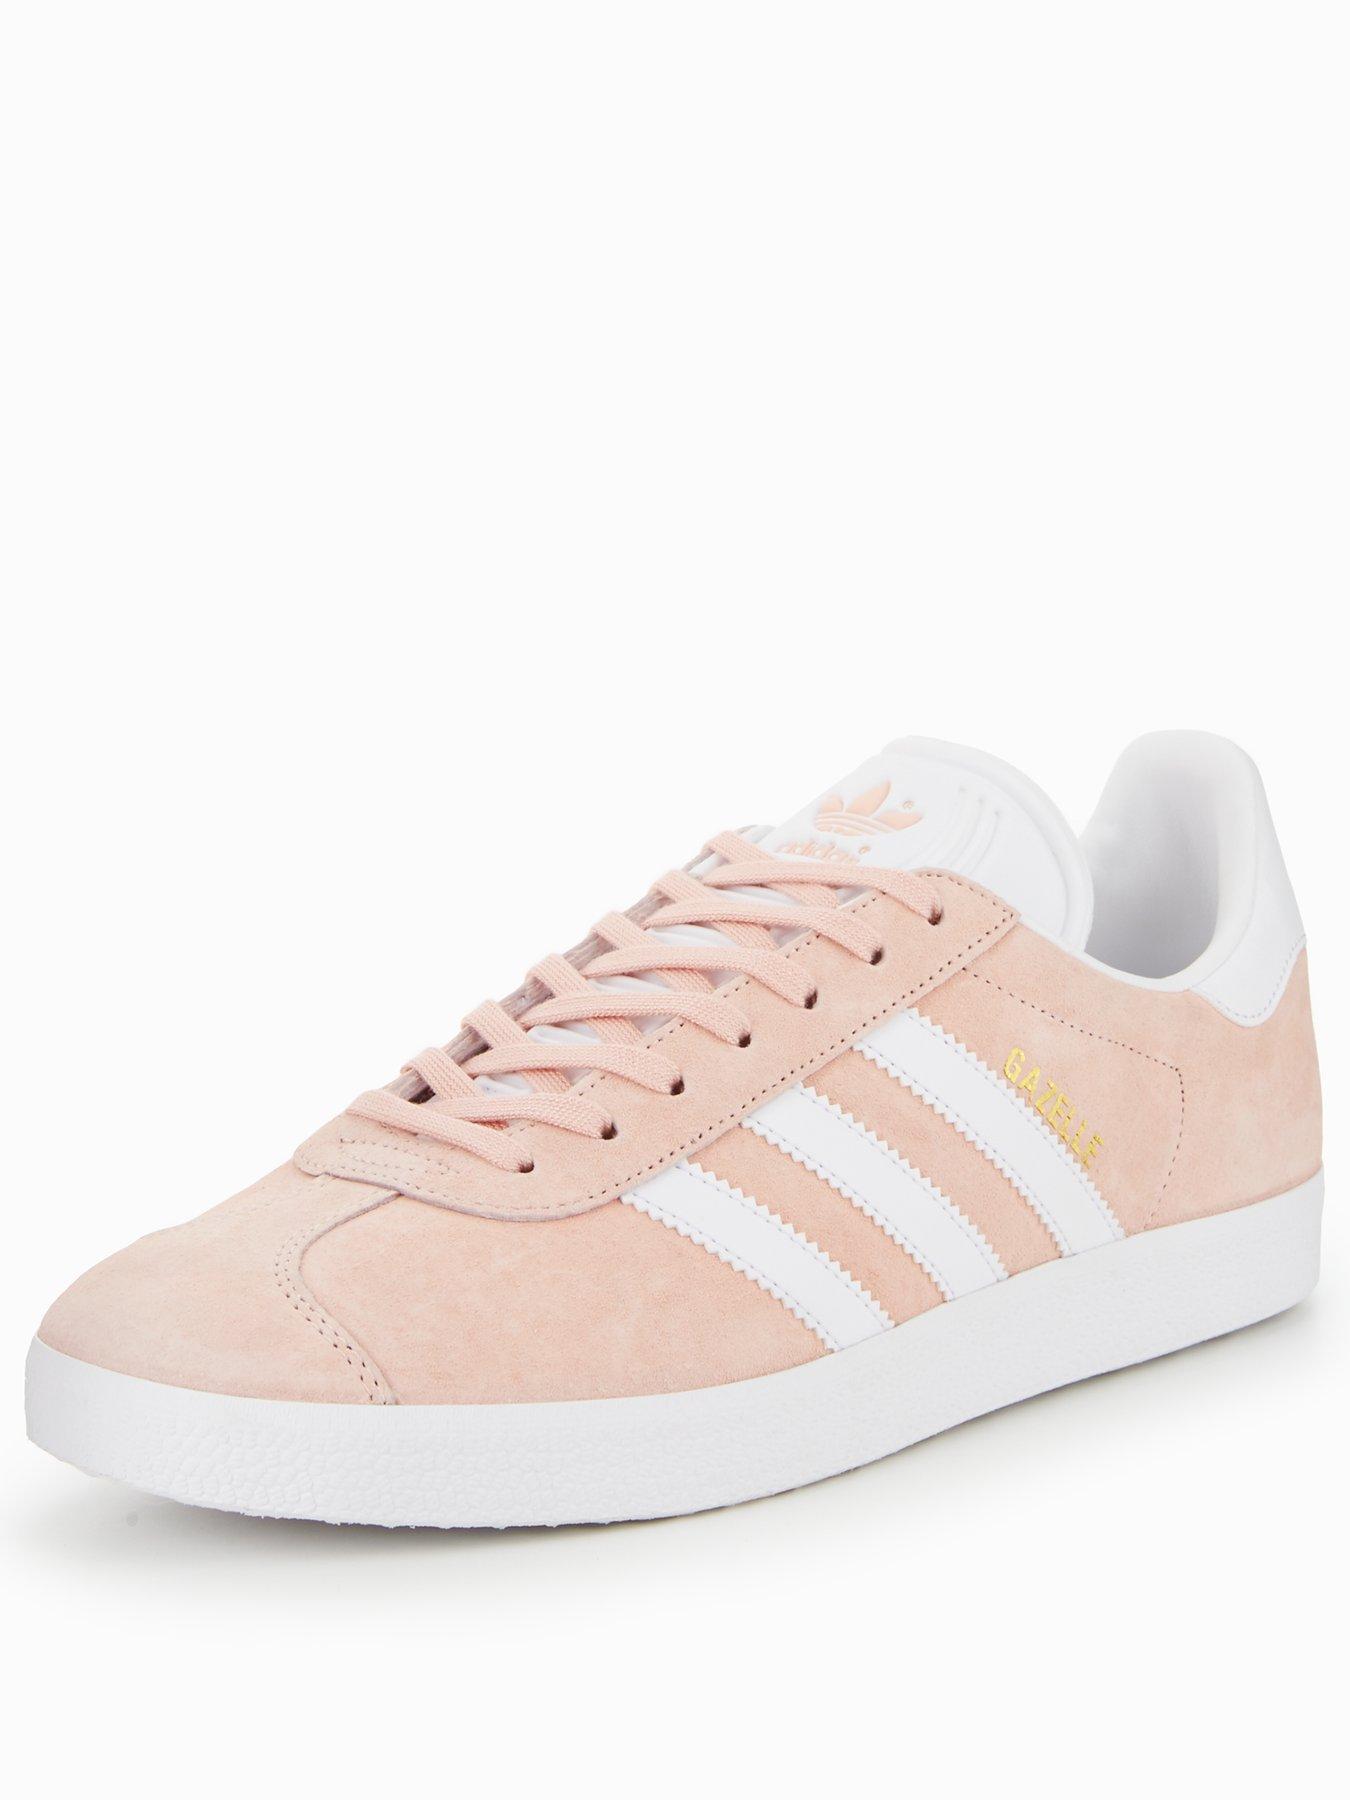 adidas Originals Gazelle - Pink